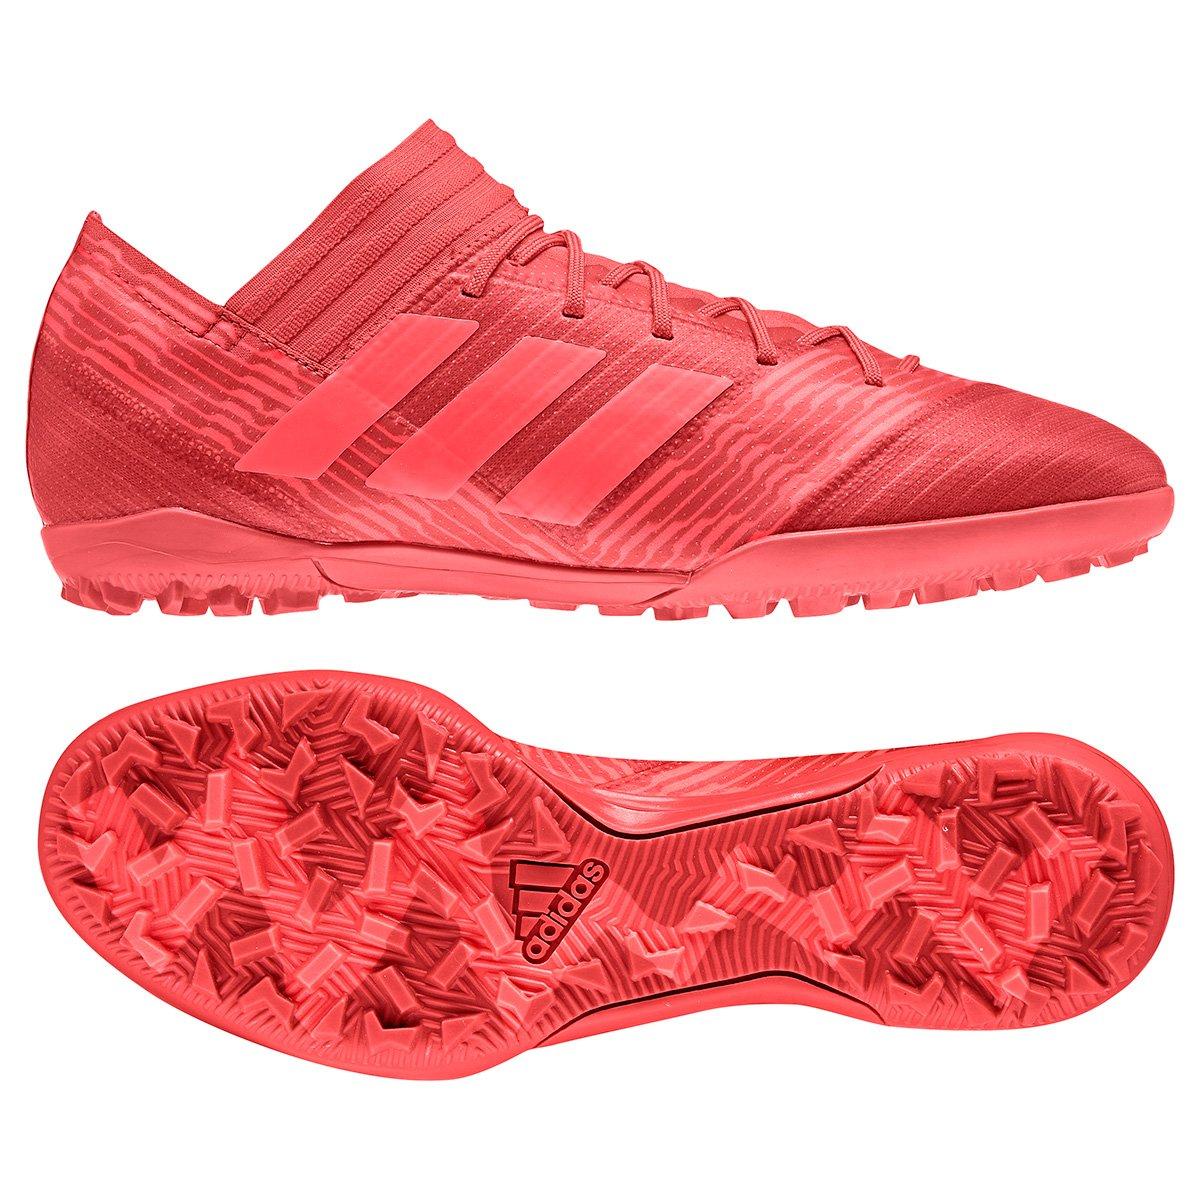 TF Vermelho Chuteira Nemeziz Chuteira Masculina 17 Society 3 Society Adidas R04Ra